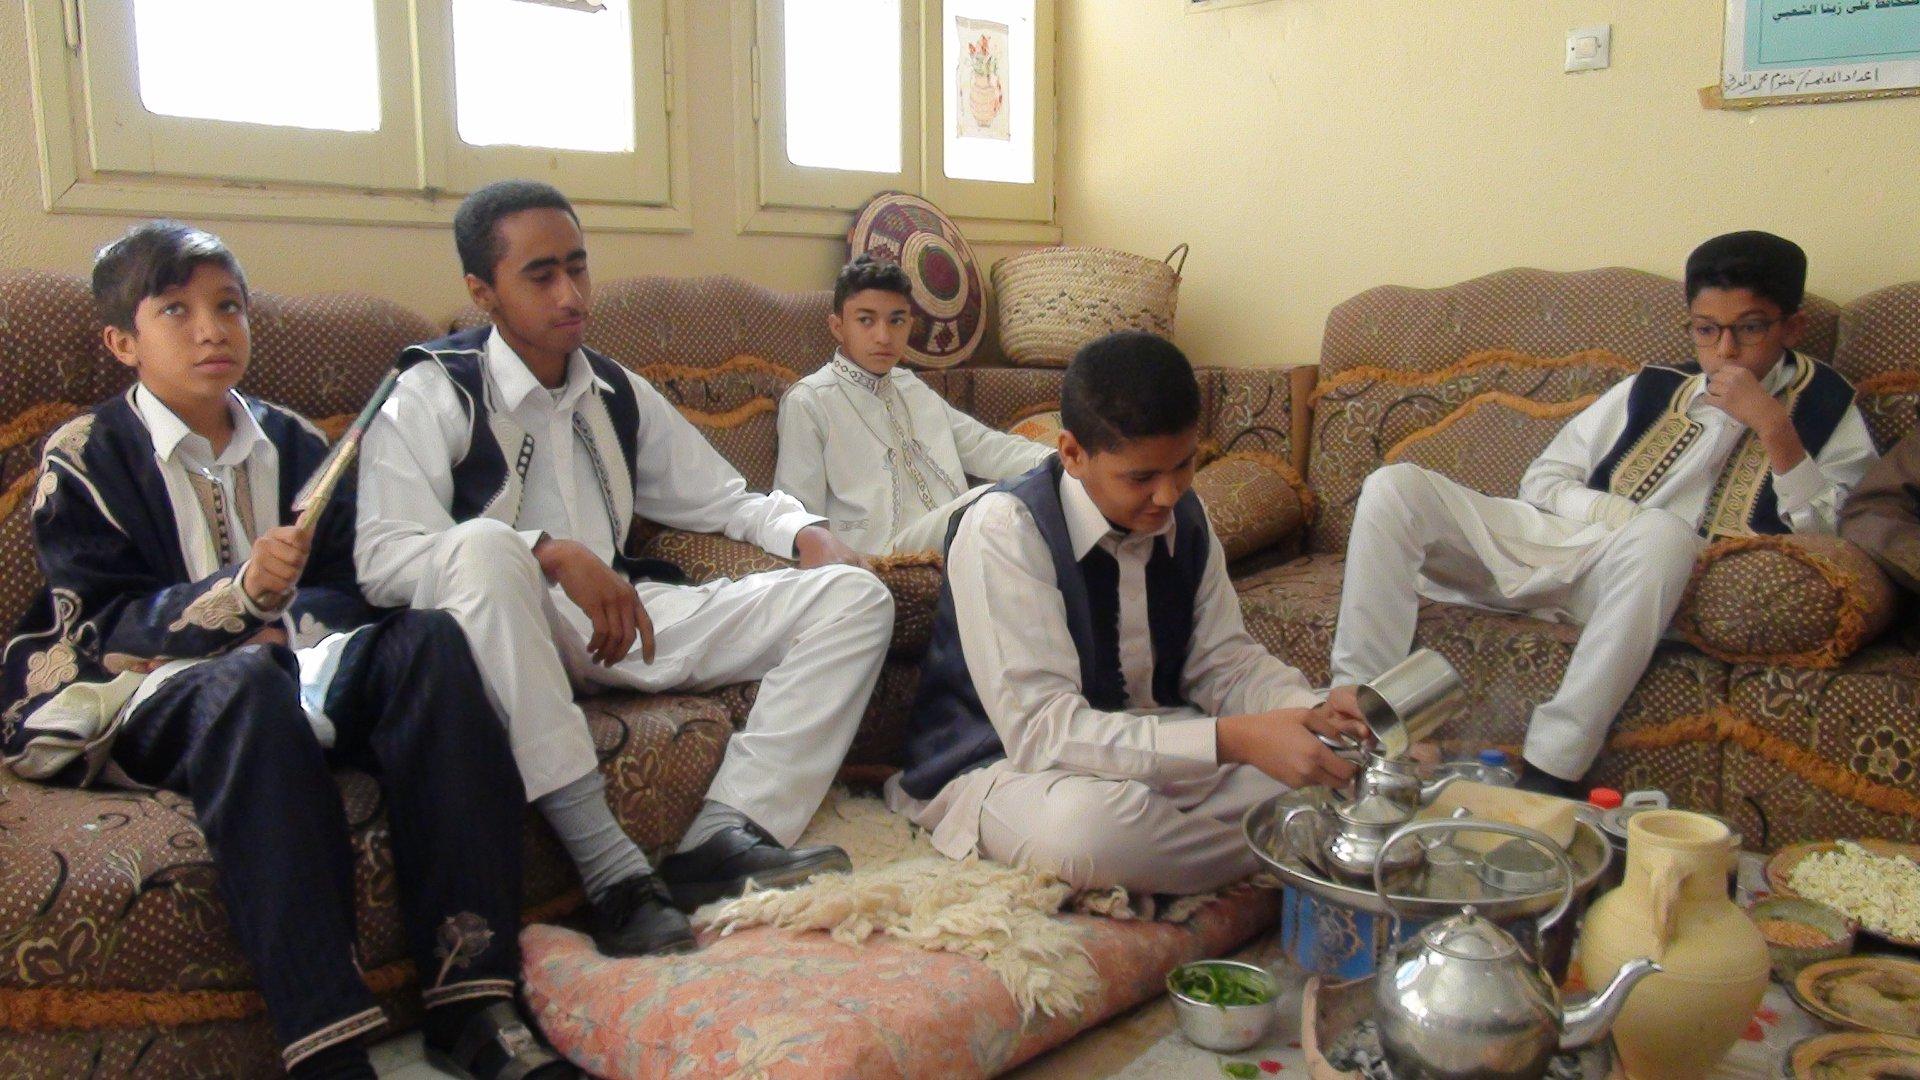 بلدية البوانيس تحيي الهوية الليبية في المدراس